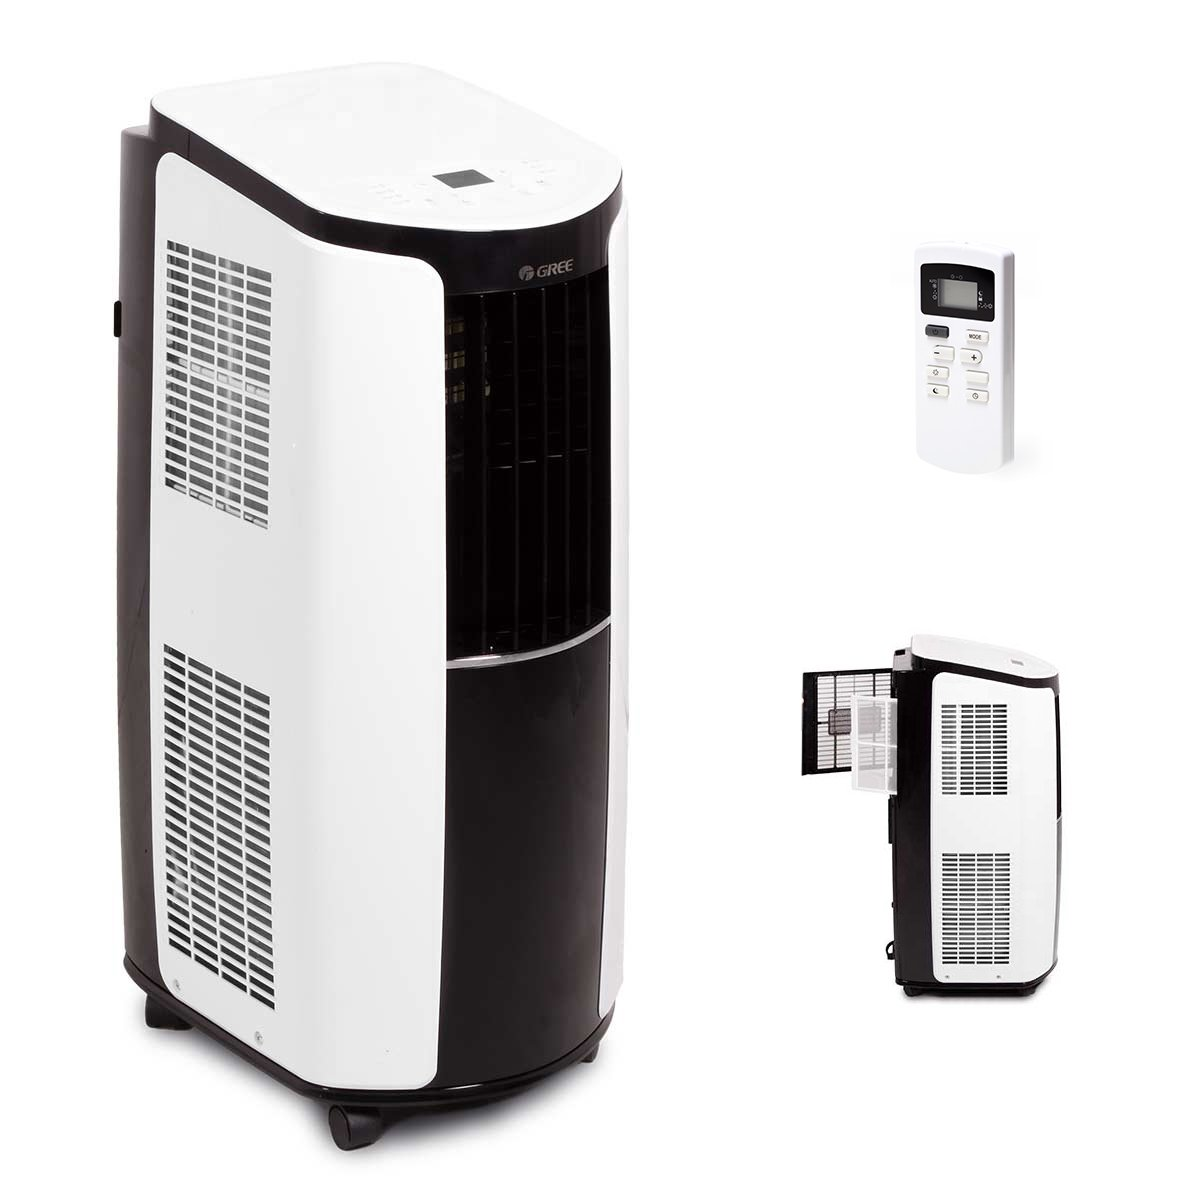 GREE mobile Klimaanlage Shiny 9000 BTU Klima 2,6 kW product image